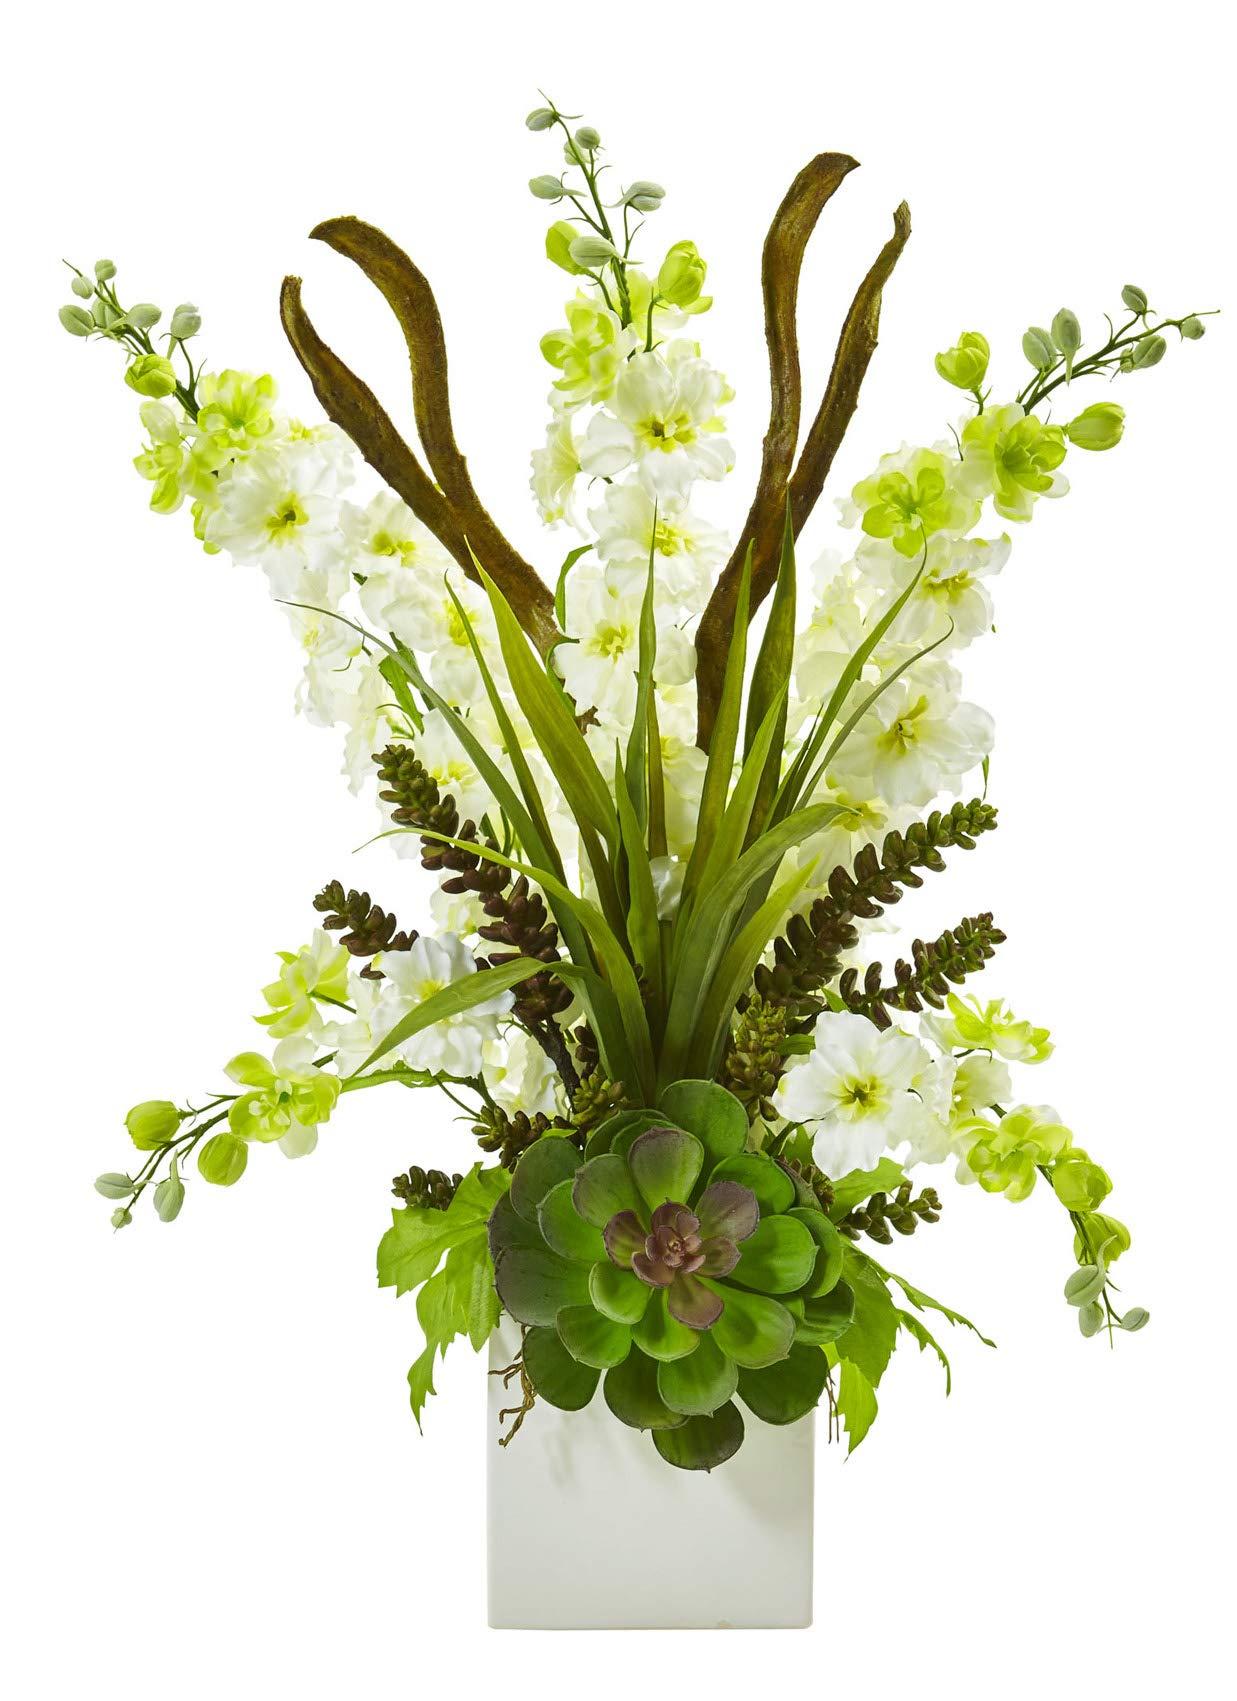 Artificial-Flowers-White-Delphinium-and-Succulent-Arrangement-Silk-Flowers